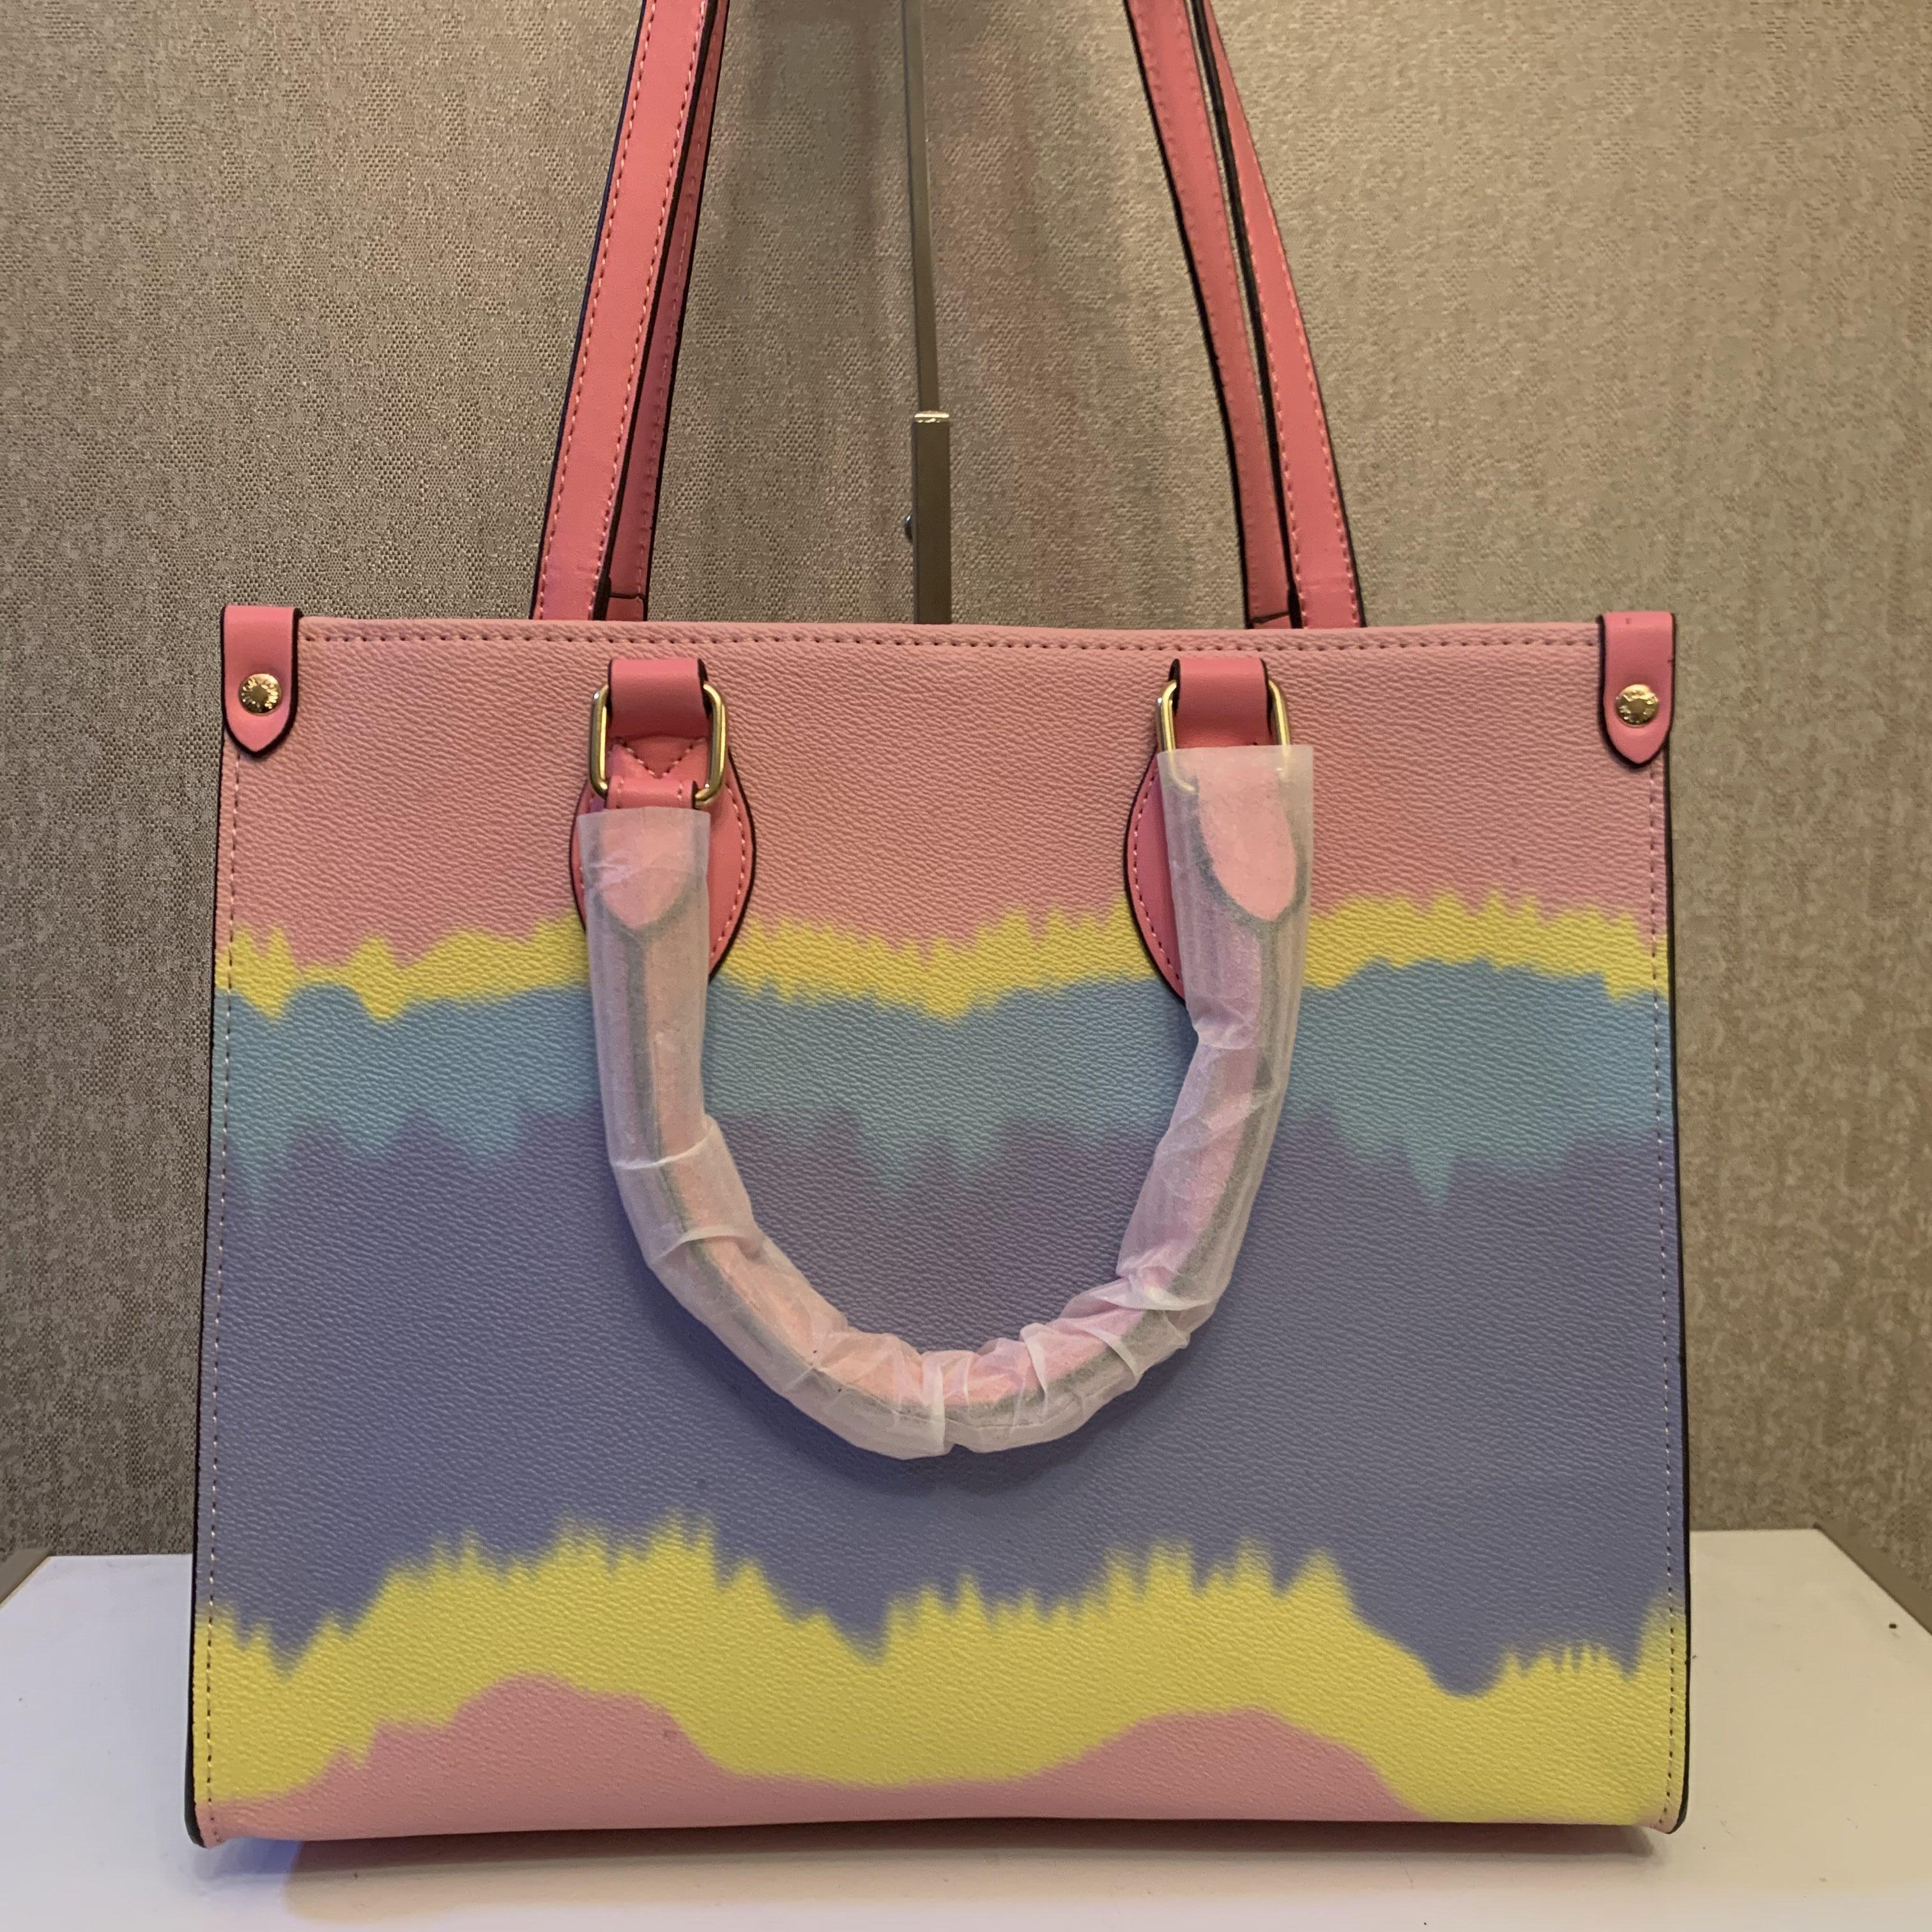 Nuovi designer Handbag Luxurys borse di alta qualità Ladies Catena a tracolla Borsa a tracolla in vernice Diamond Diamond Luxurys Borse da sera Borsa per il corpo